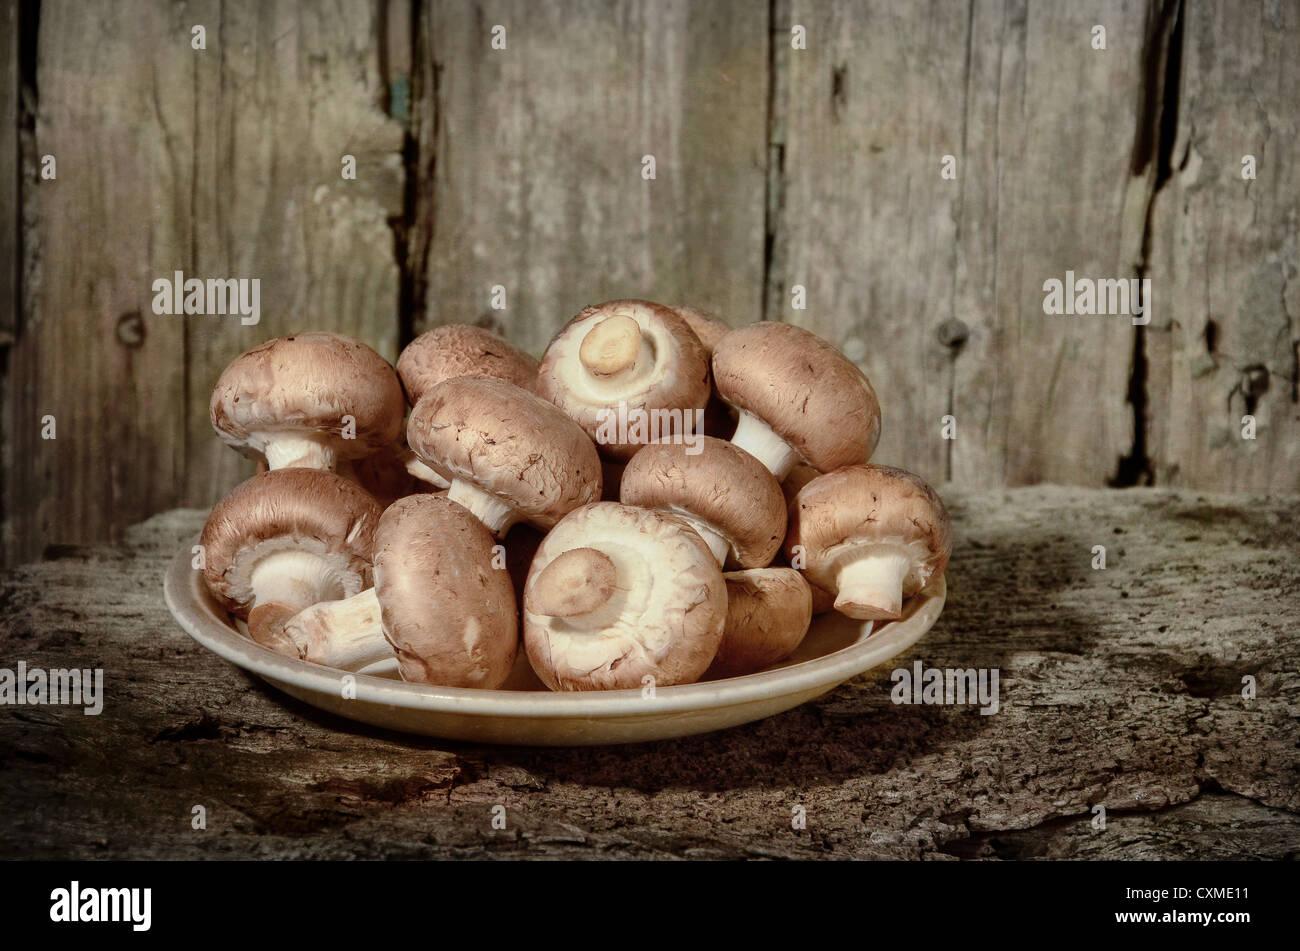 Produits bio champignons champignons bruns bouton dans une assiette non cuit prêt choisi avec fourchette prête Photo Stock